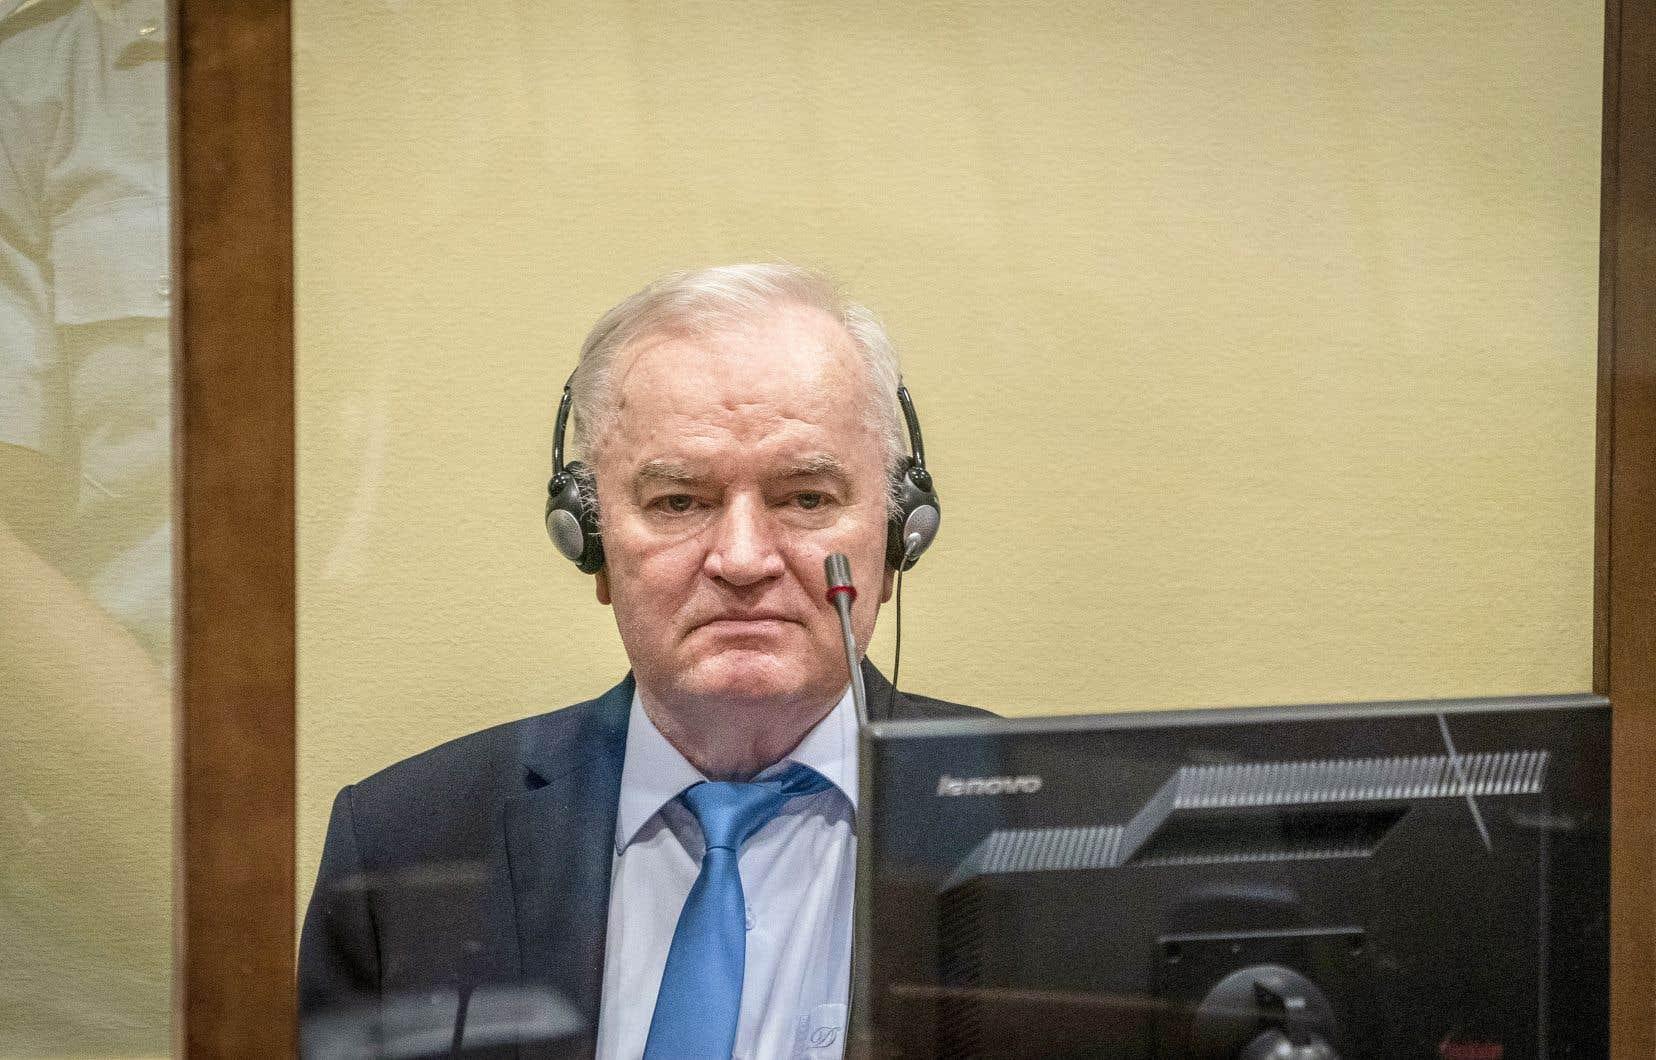 Après avoir fait appel de sa condamnation, l'ancien chef militaire des Serbes de Bosnie Ratko Mladic a reçu le verdict final mardi. Il a été déclaré coupable de génocide pour le massacre de Srebrenica en 1995, qui a donné lieu à la plus grande effusion de sang depuis la Seconde Guerre mondiale.